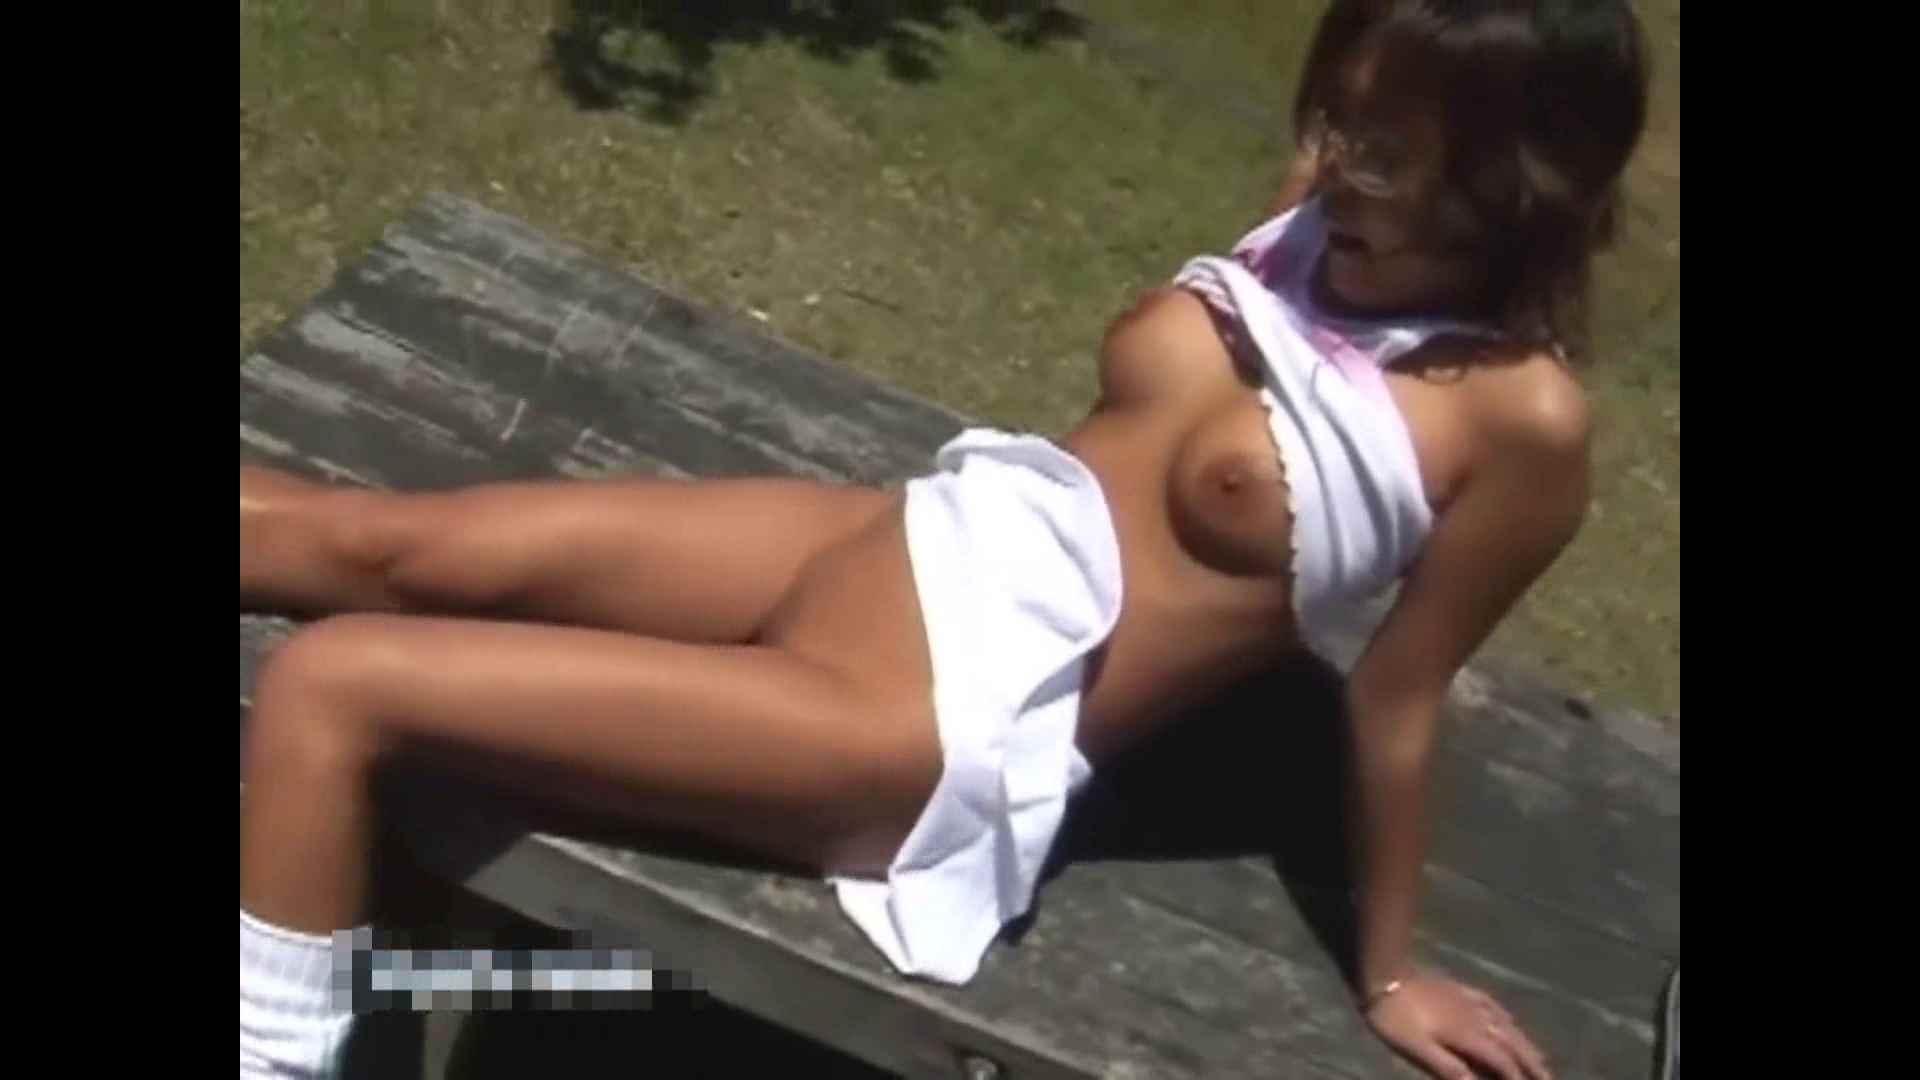 伝説の露出女神 特集8 熟女   盗撮エロすぎ  32連発 4